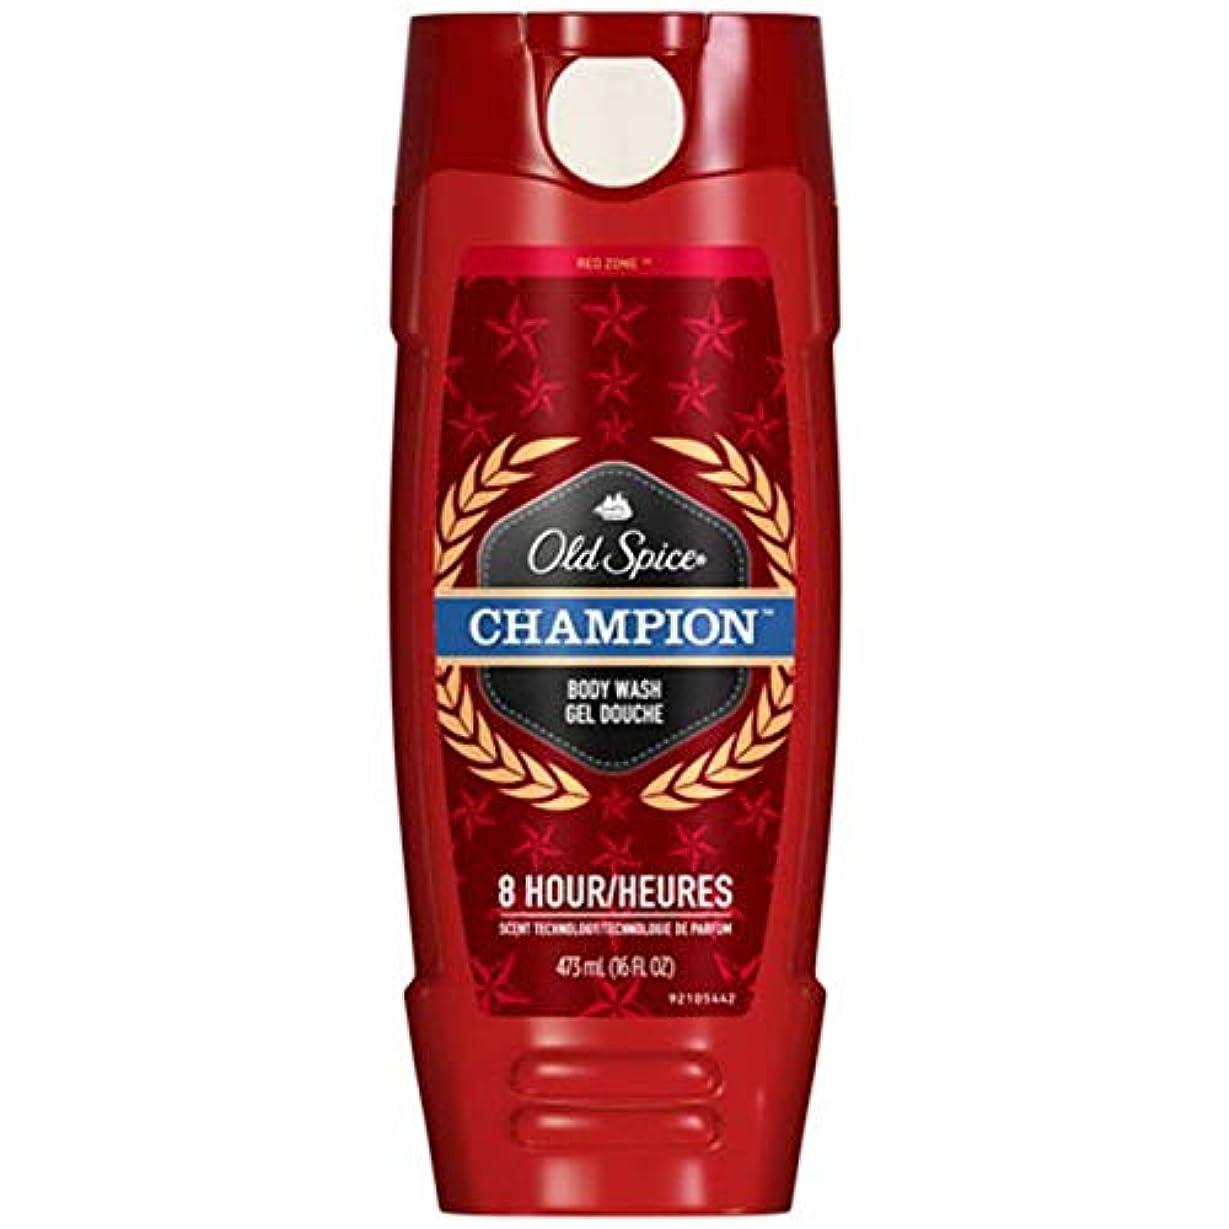 海藻ゴネリル財布Old Spice オールドスパイス ボディーウォッシュジェル Red Zone Body Wash GEL 473ml 並行輸入品 (CHAMPION/チャンピオン) [並行輸入品]